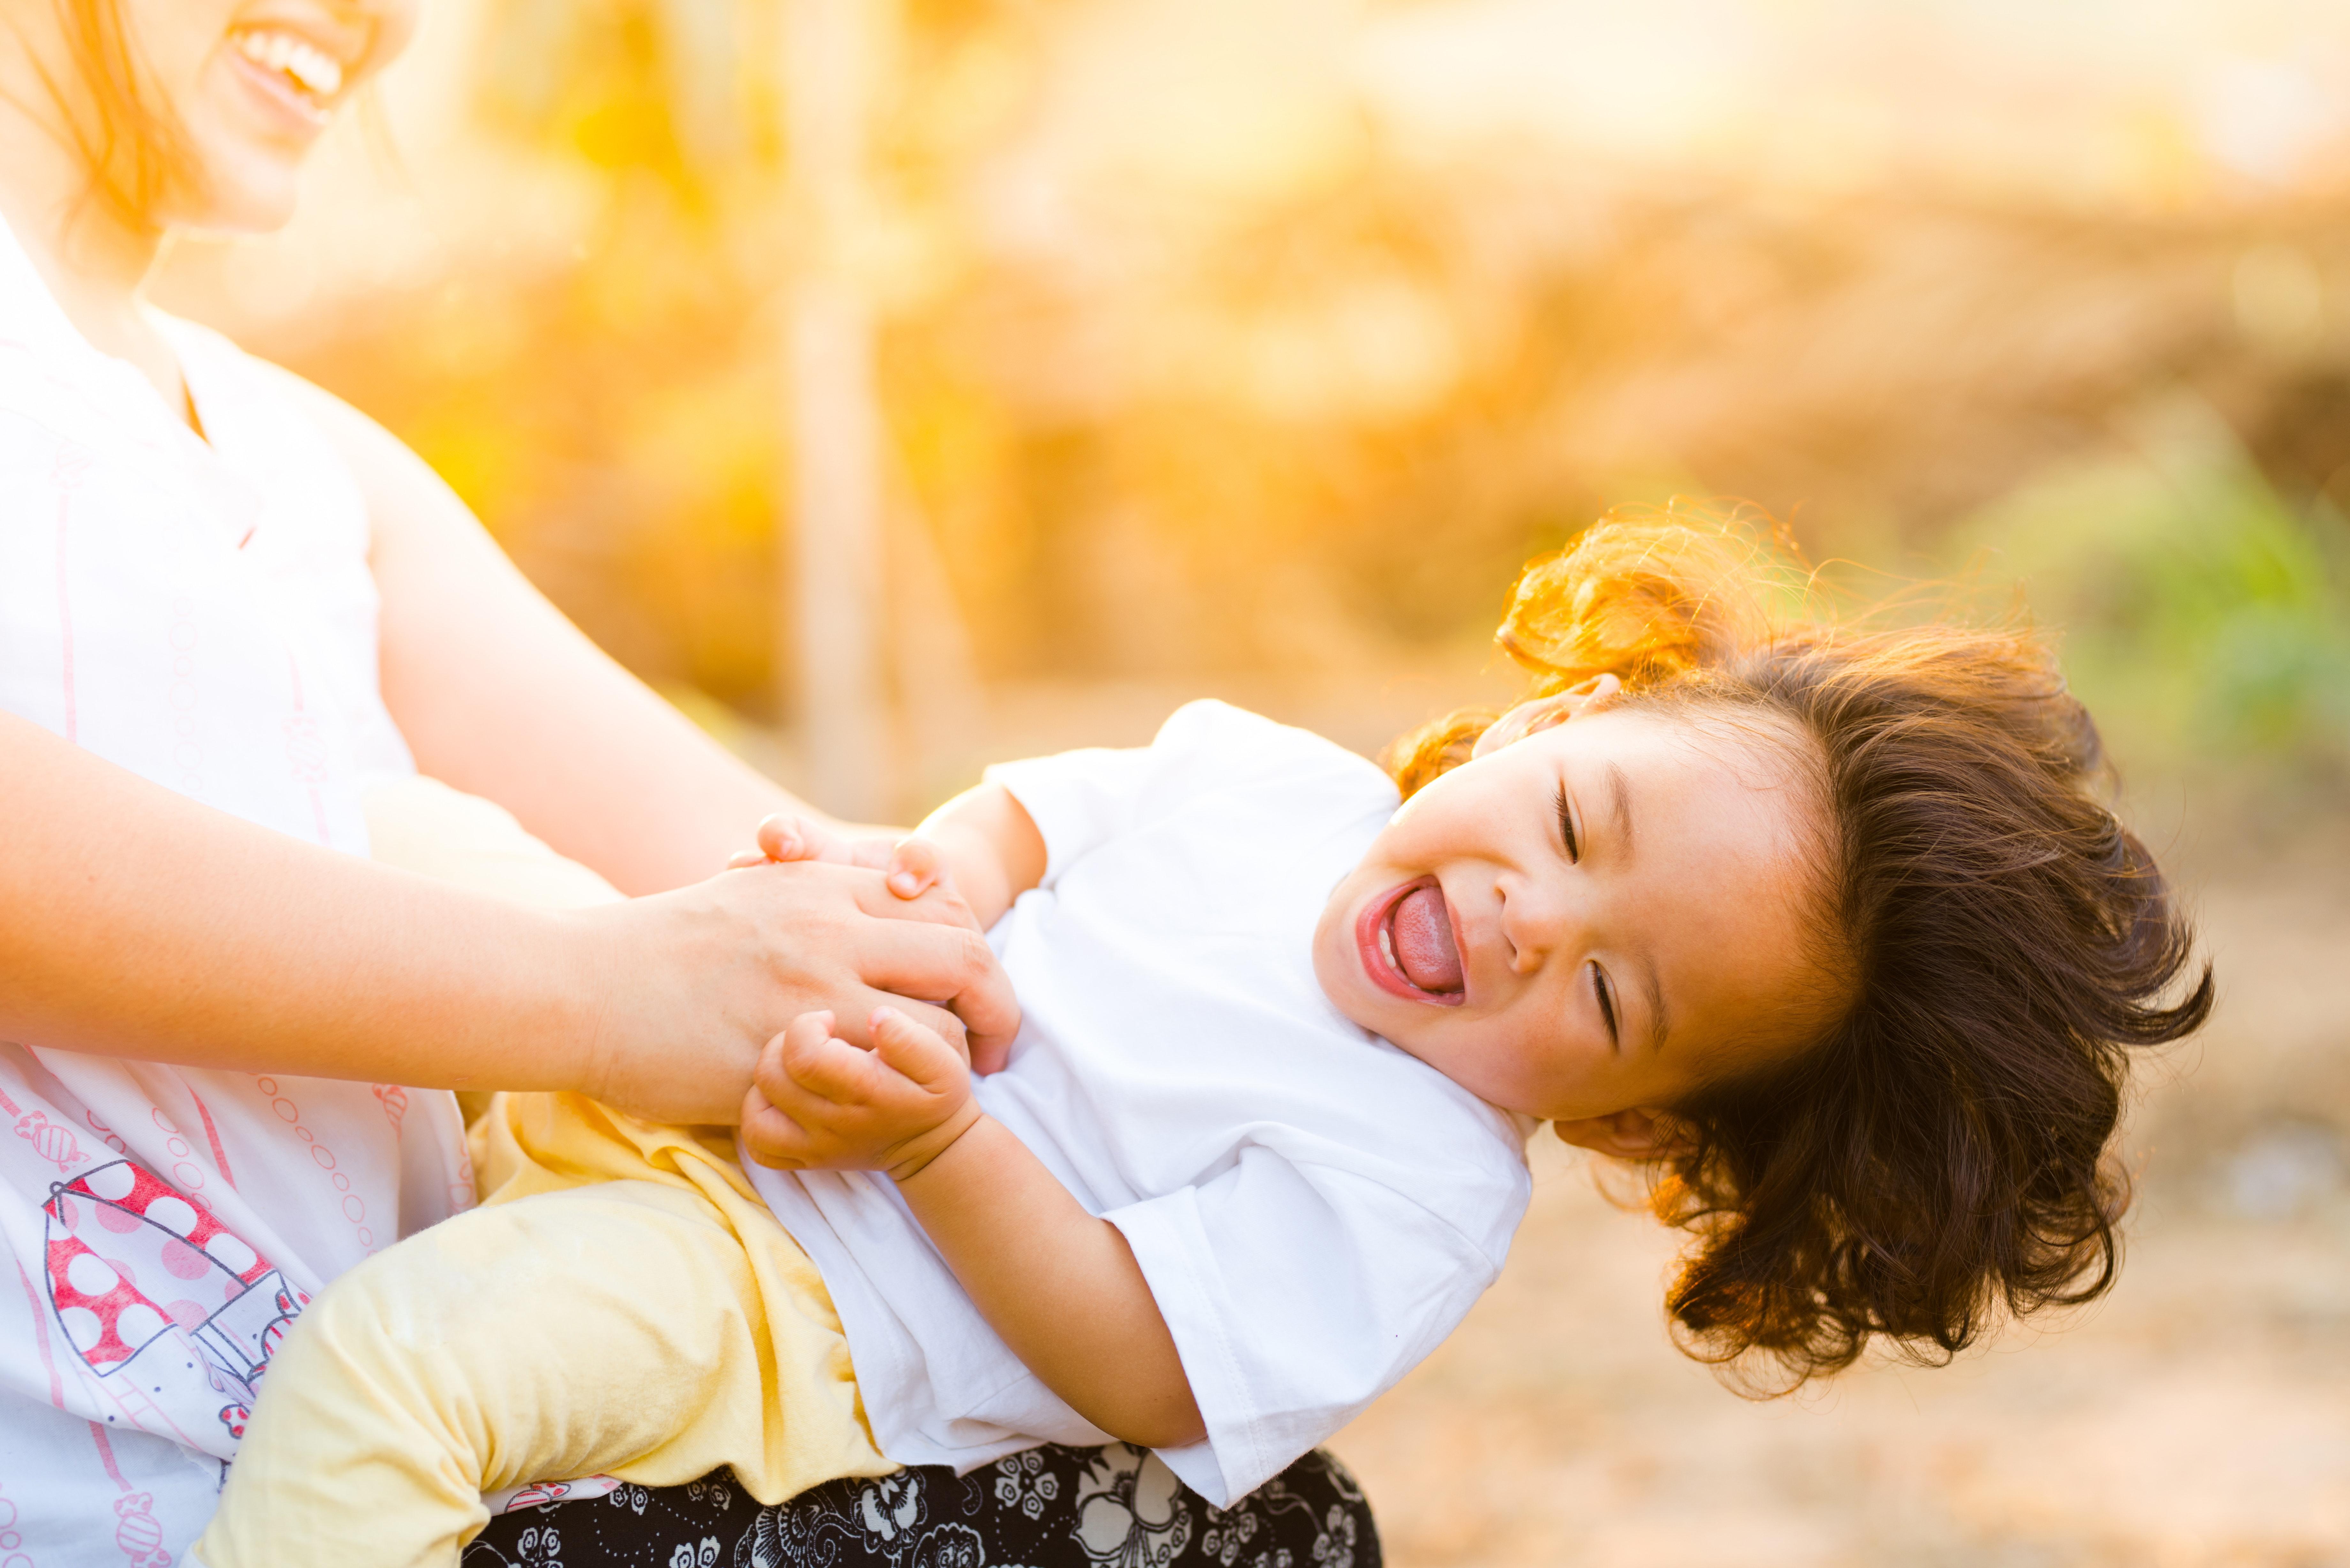 criança brincando de gangorra com uma mulher no por do sol